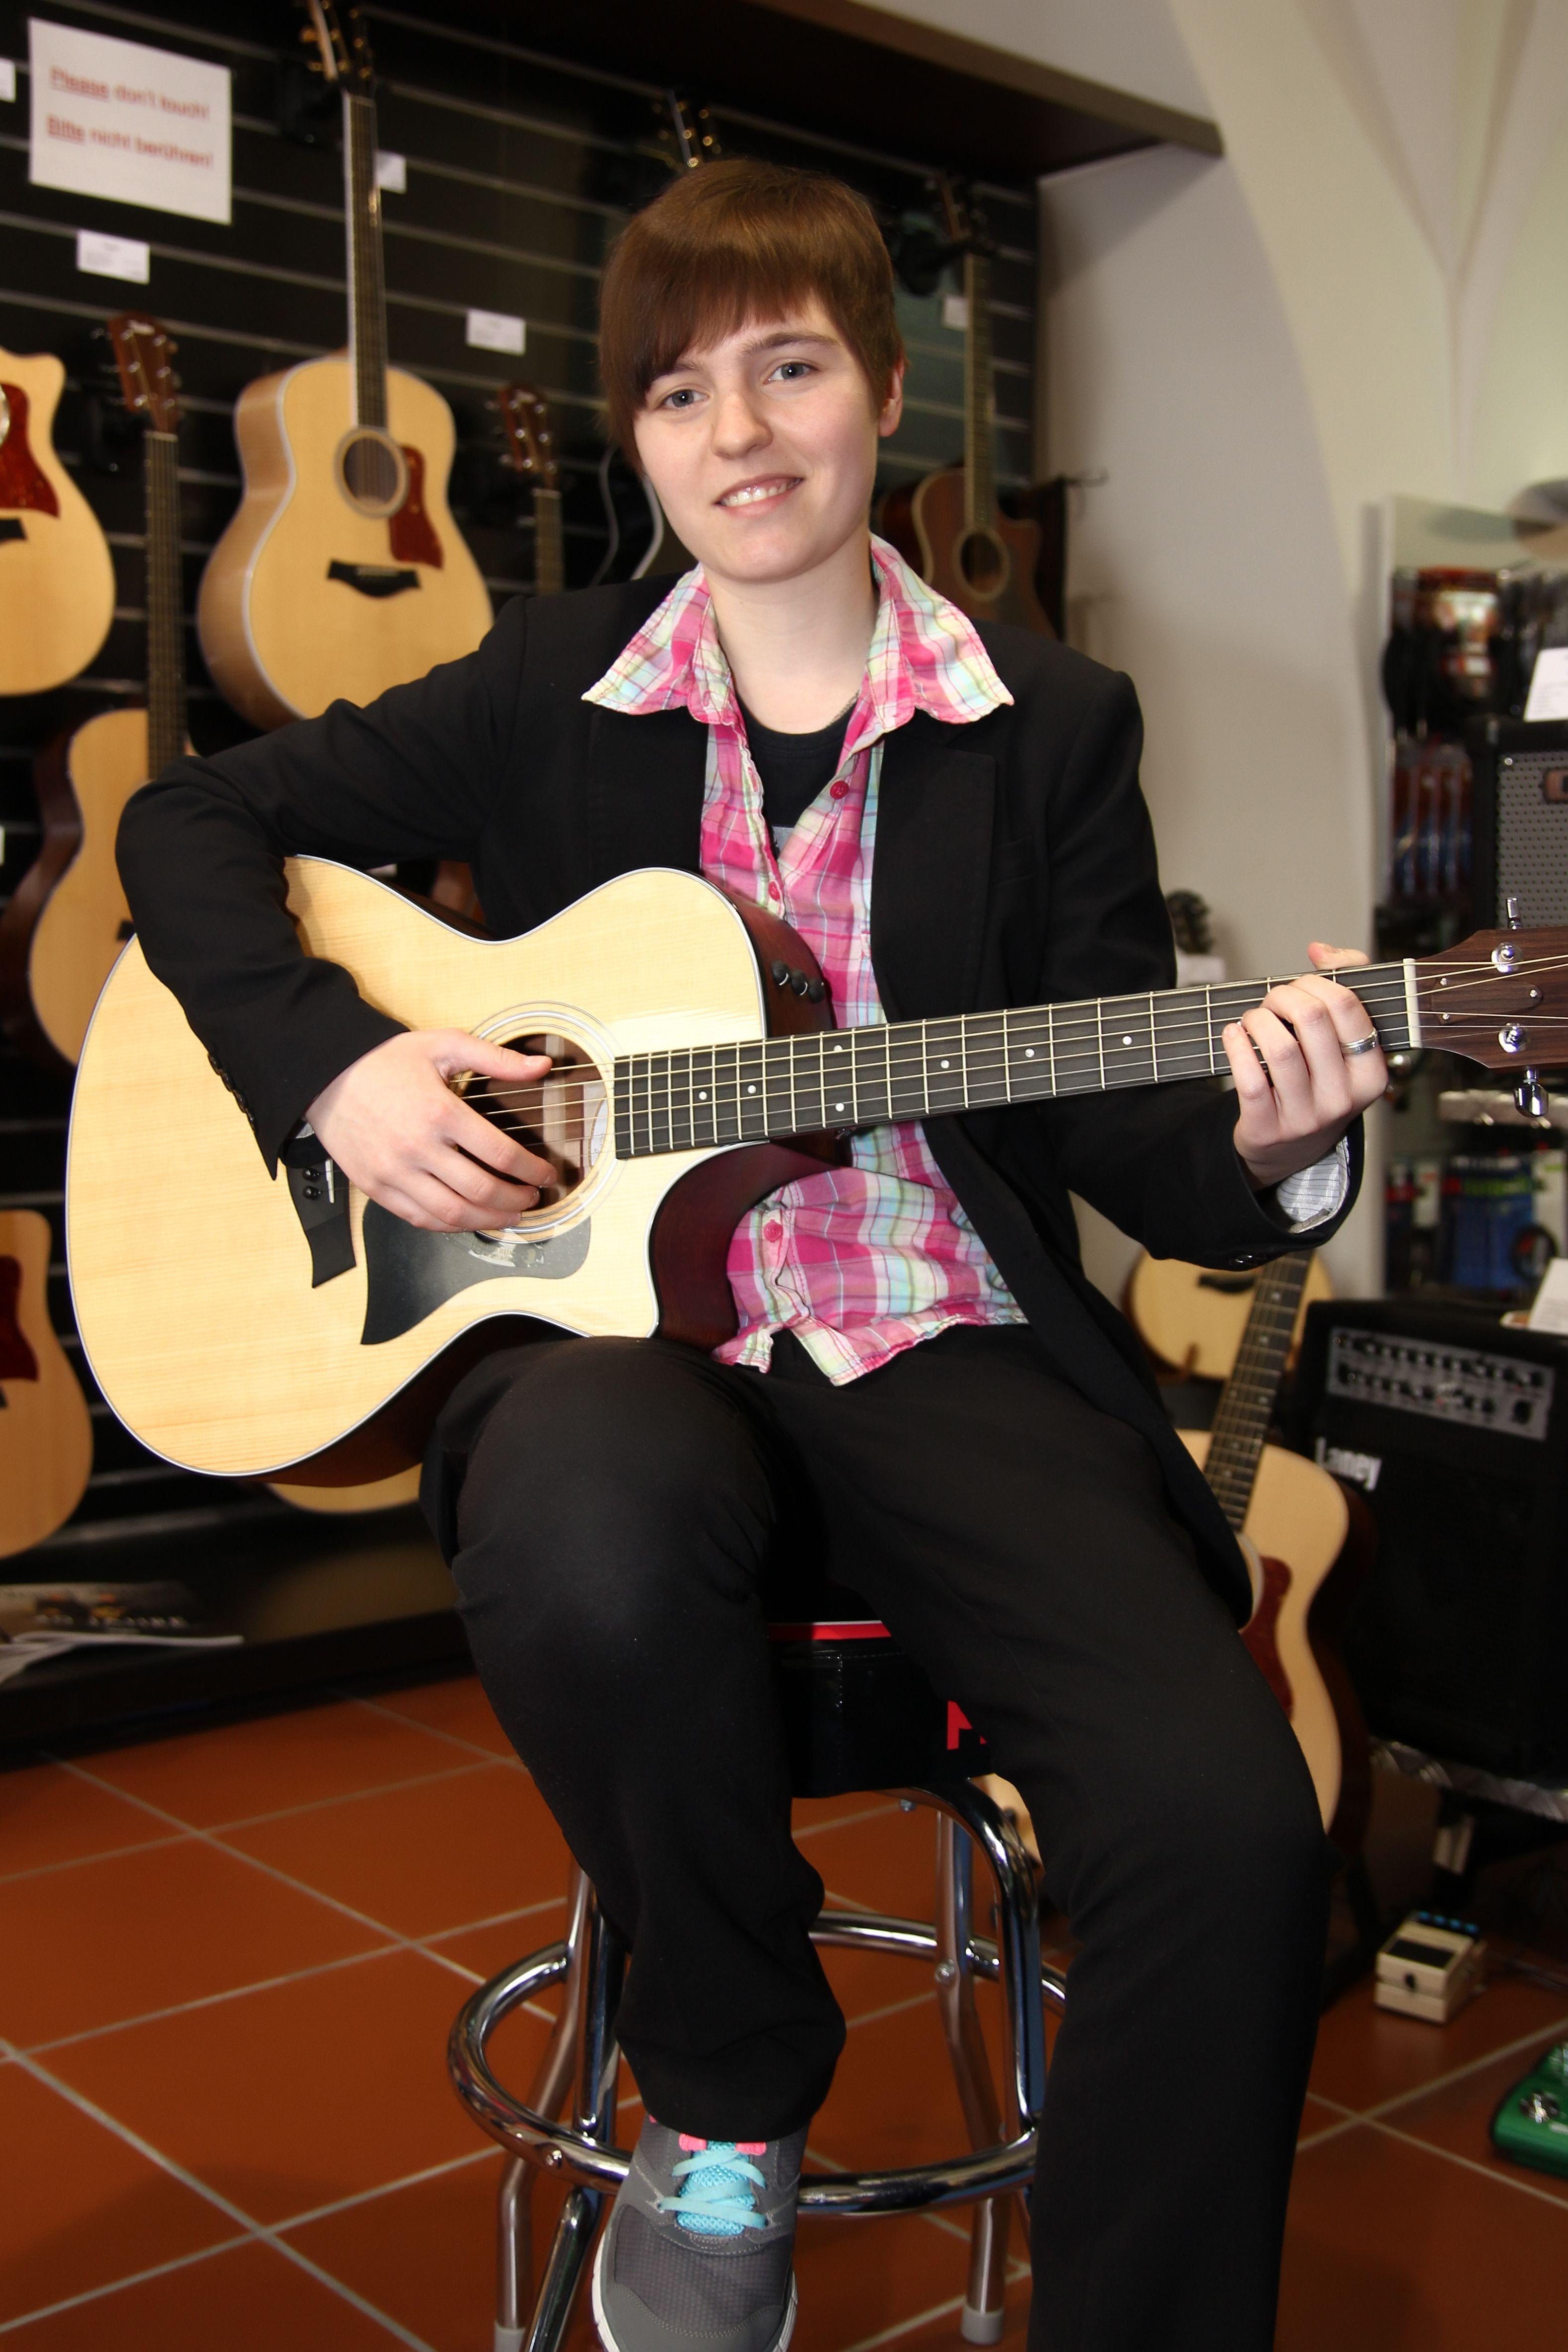 Katharina Reining Musikfachverkäuferin